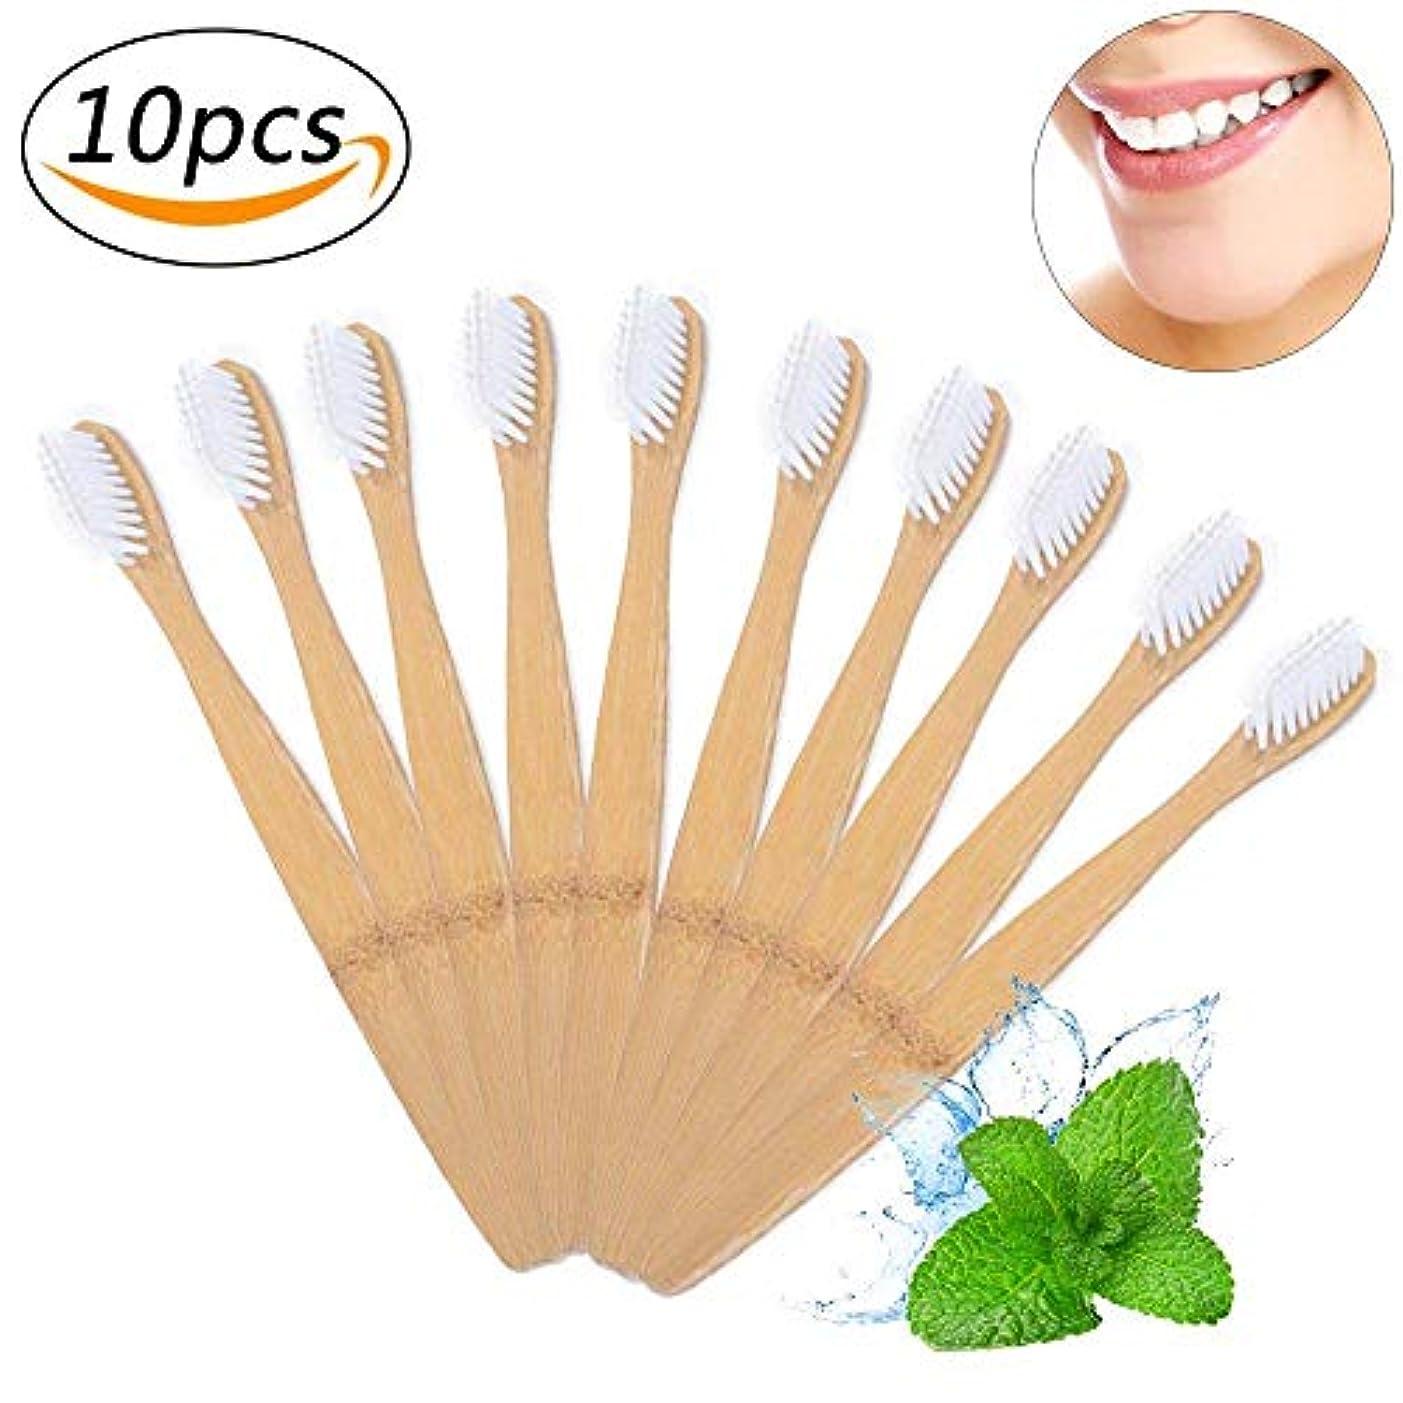 タイヤ贅沢繰り返し竹の歯ブラシ 環境保護の歯ブラシ 柔らかいブラシ 分解性 耐久性 ホワイト 10本入